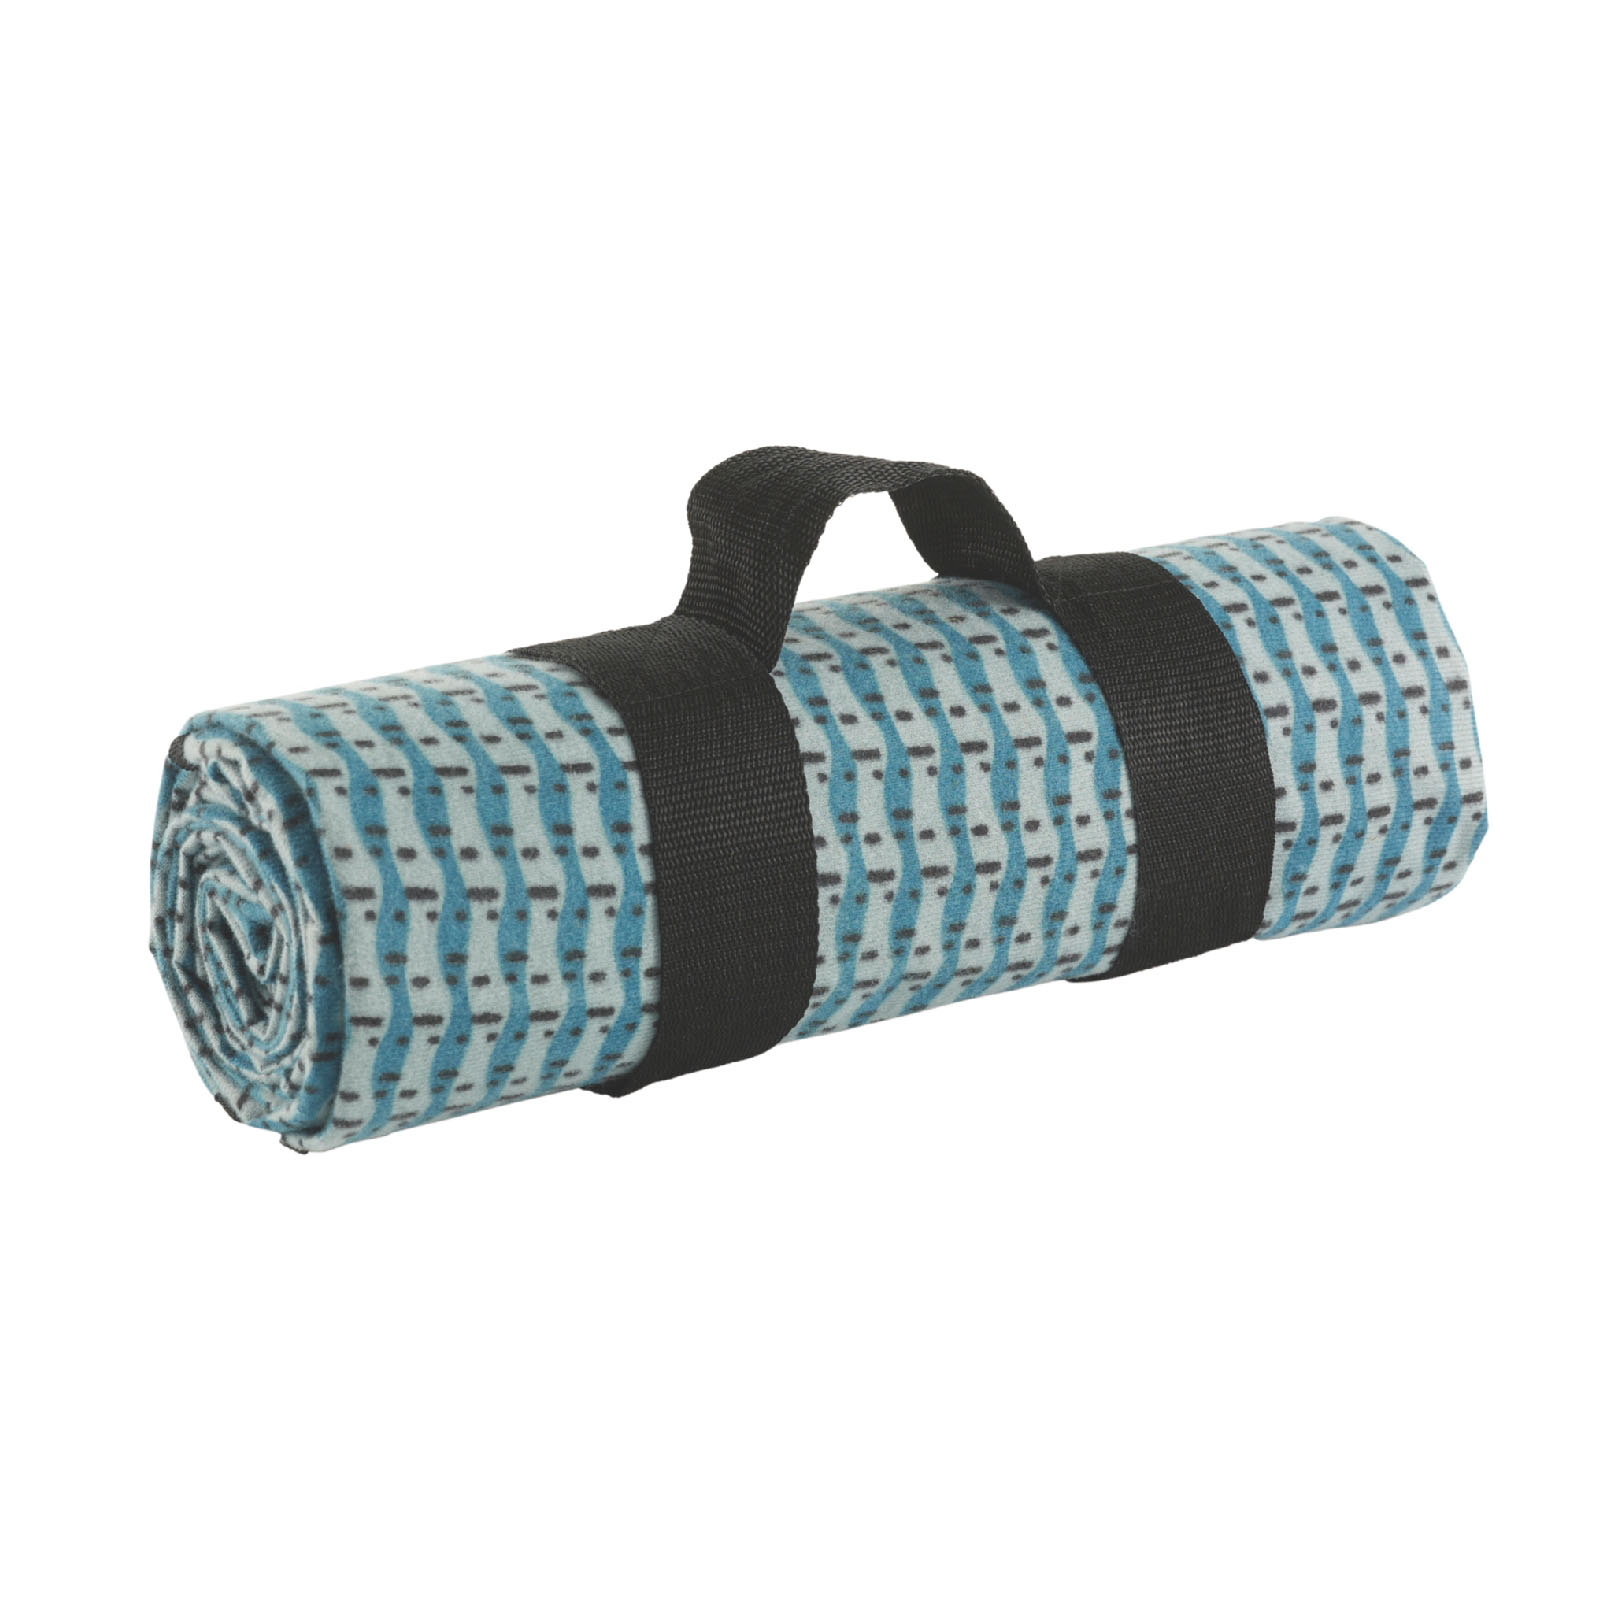 Zeltteppich für EASY CAMP Sebring Zelt Teppich für Vorzelt